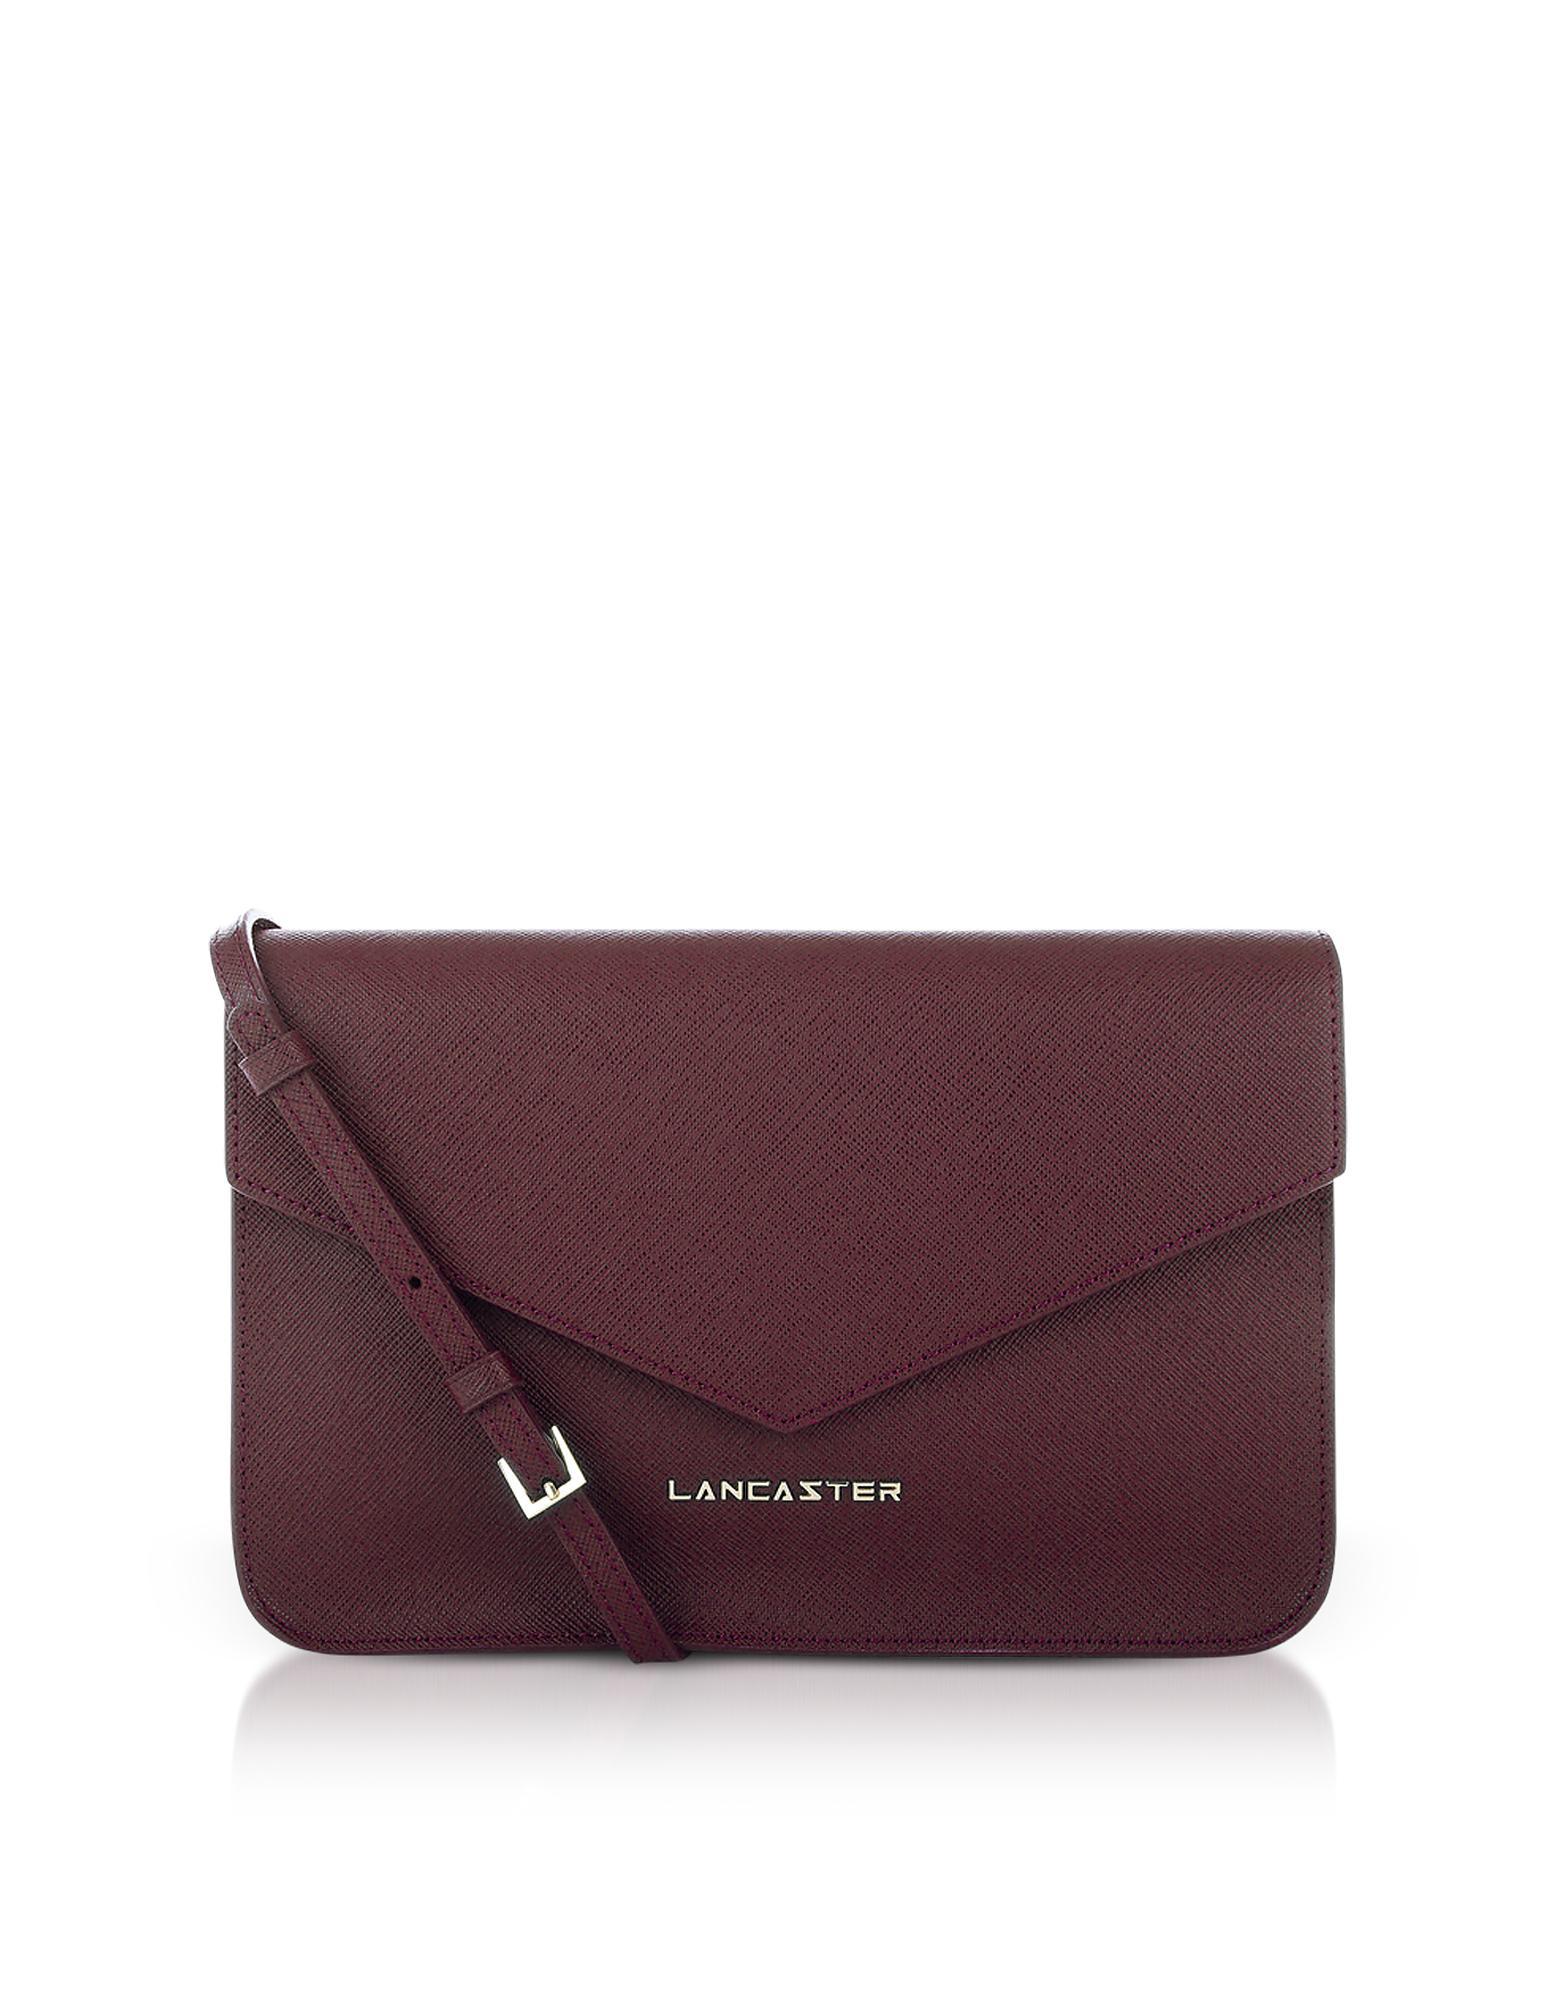 Lyst - Lancaster Paris Bordeaux Saffiano Signature Flap Clutch W ... bcf72f8cd5